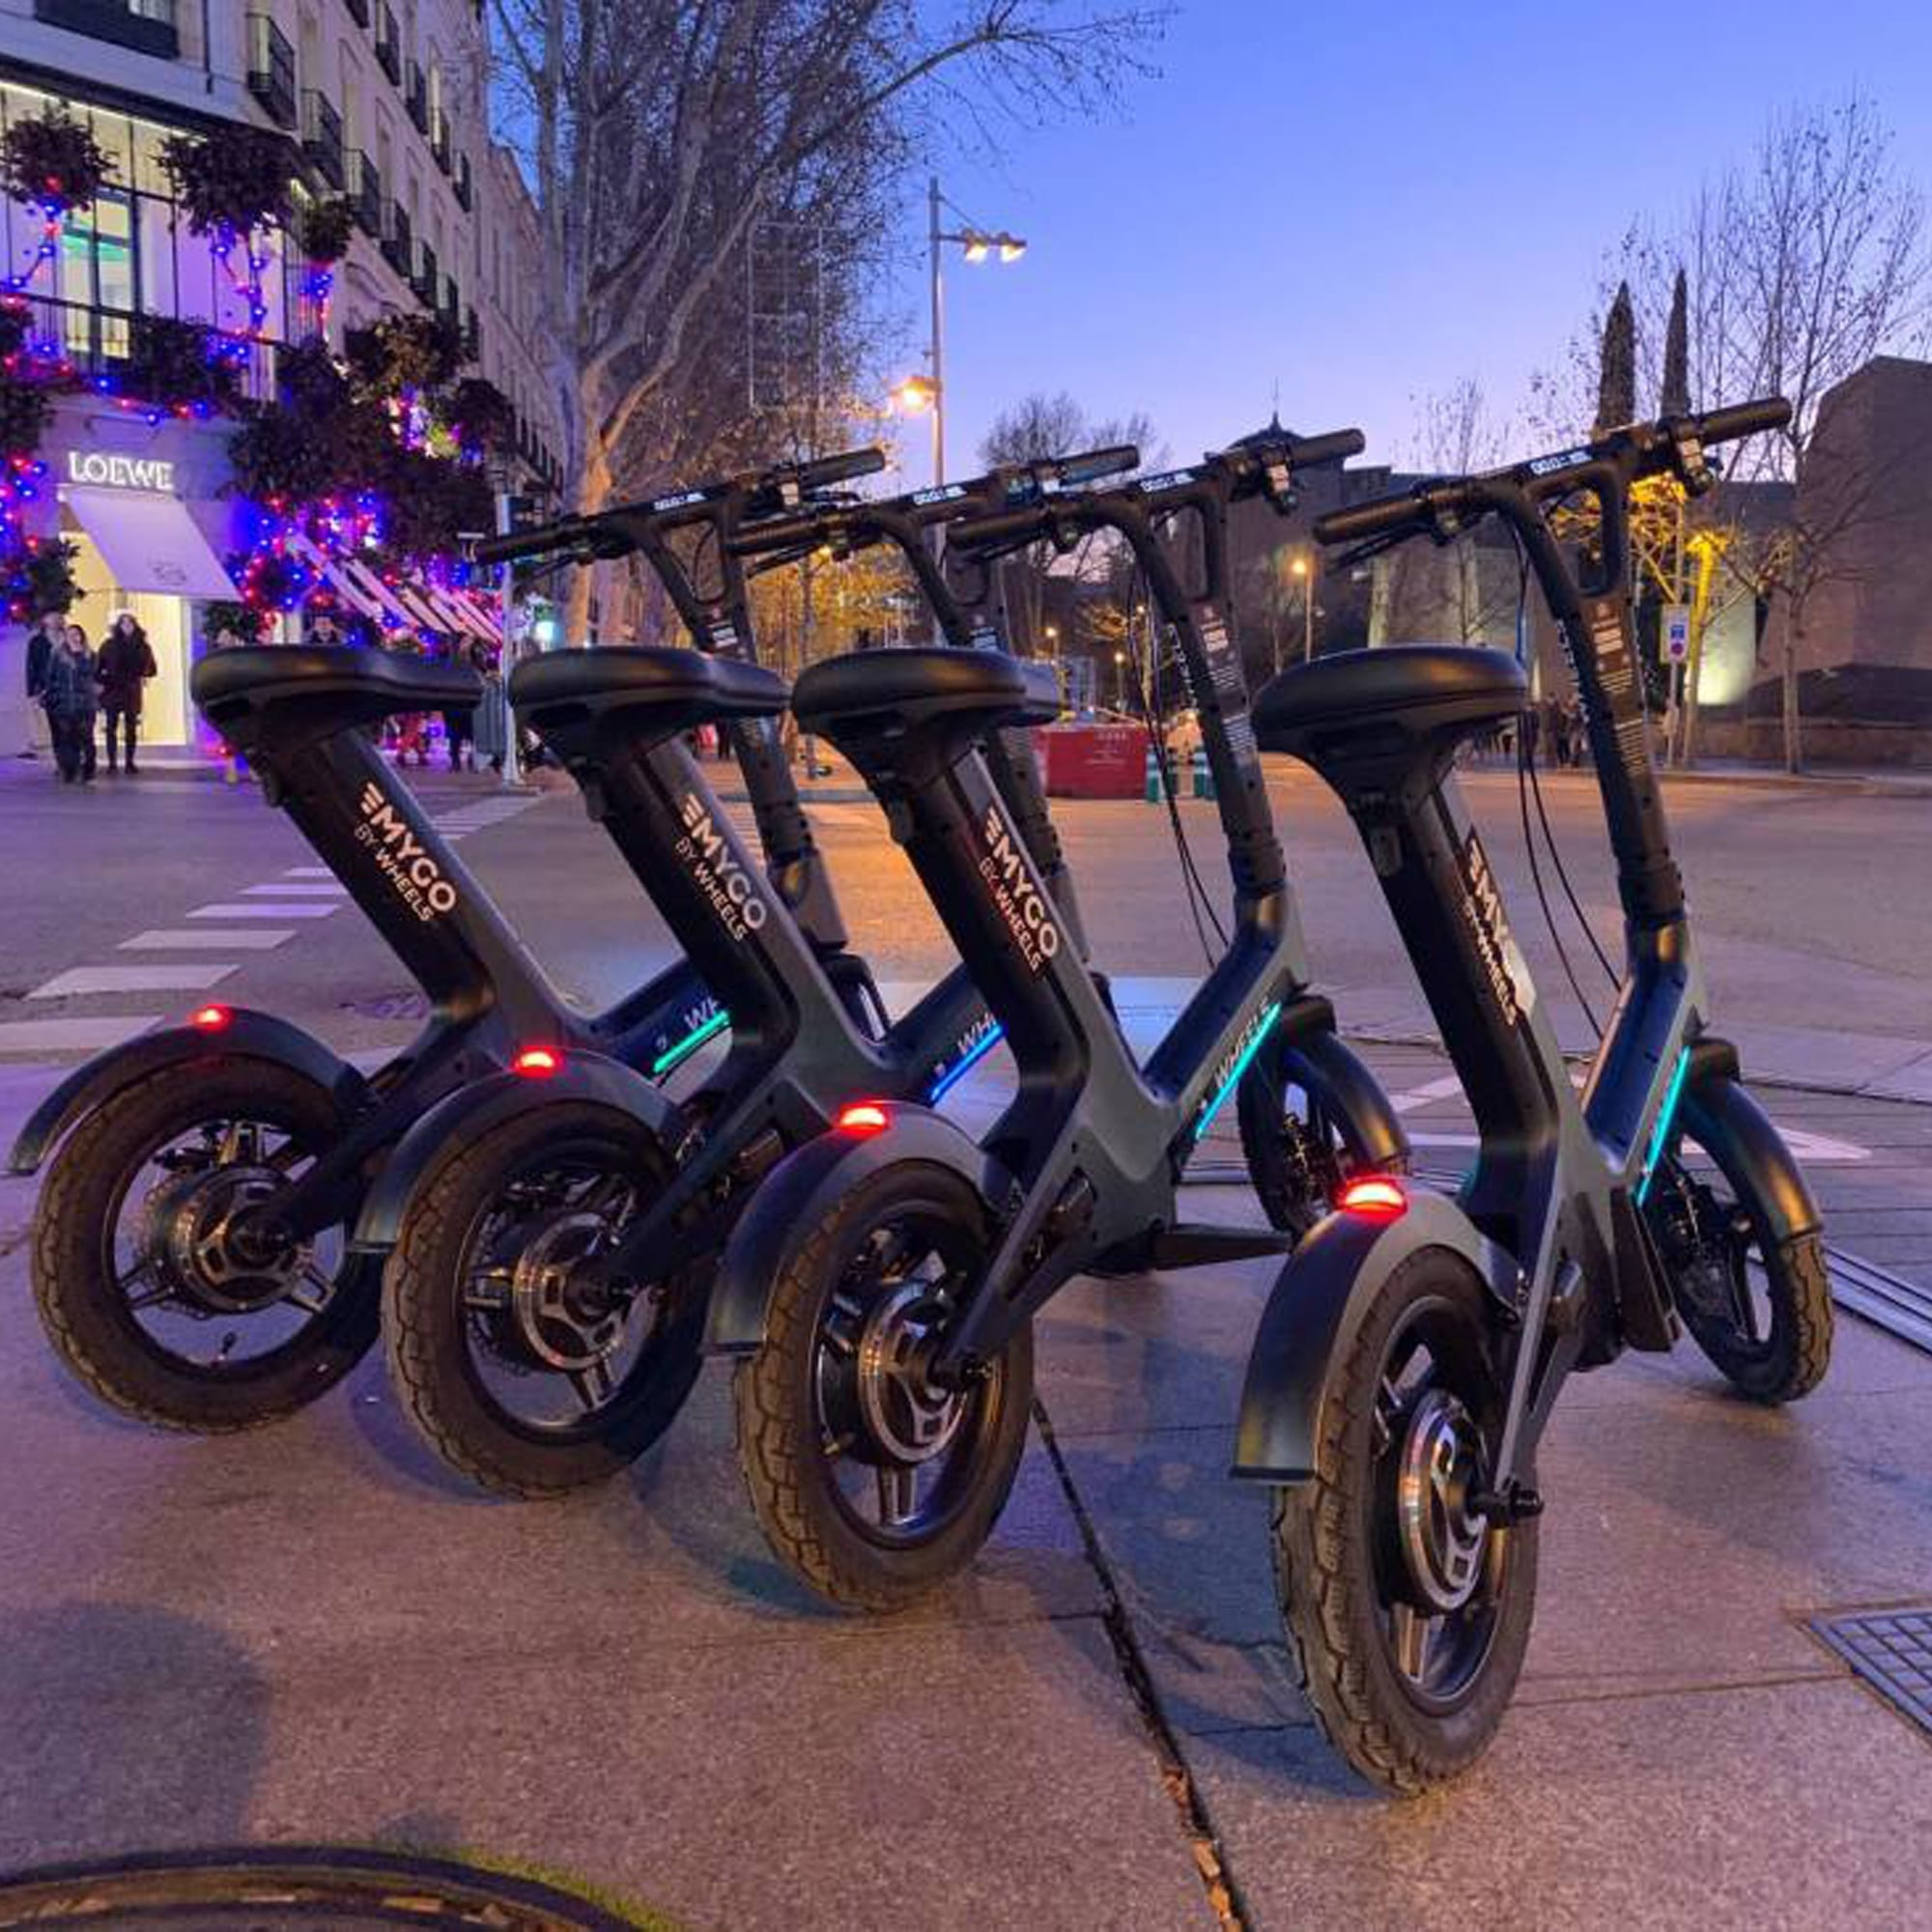 El gigante californiano 'Wheels' aterriza en Madrid con este vehículo híbrido